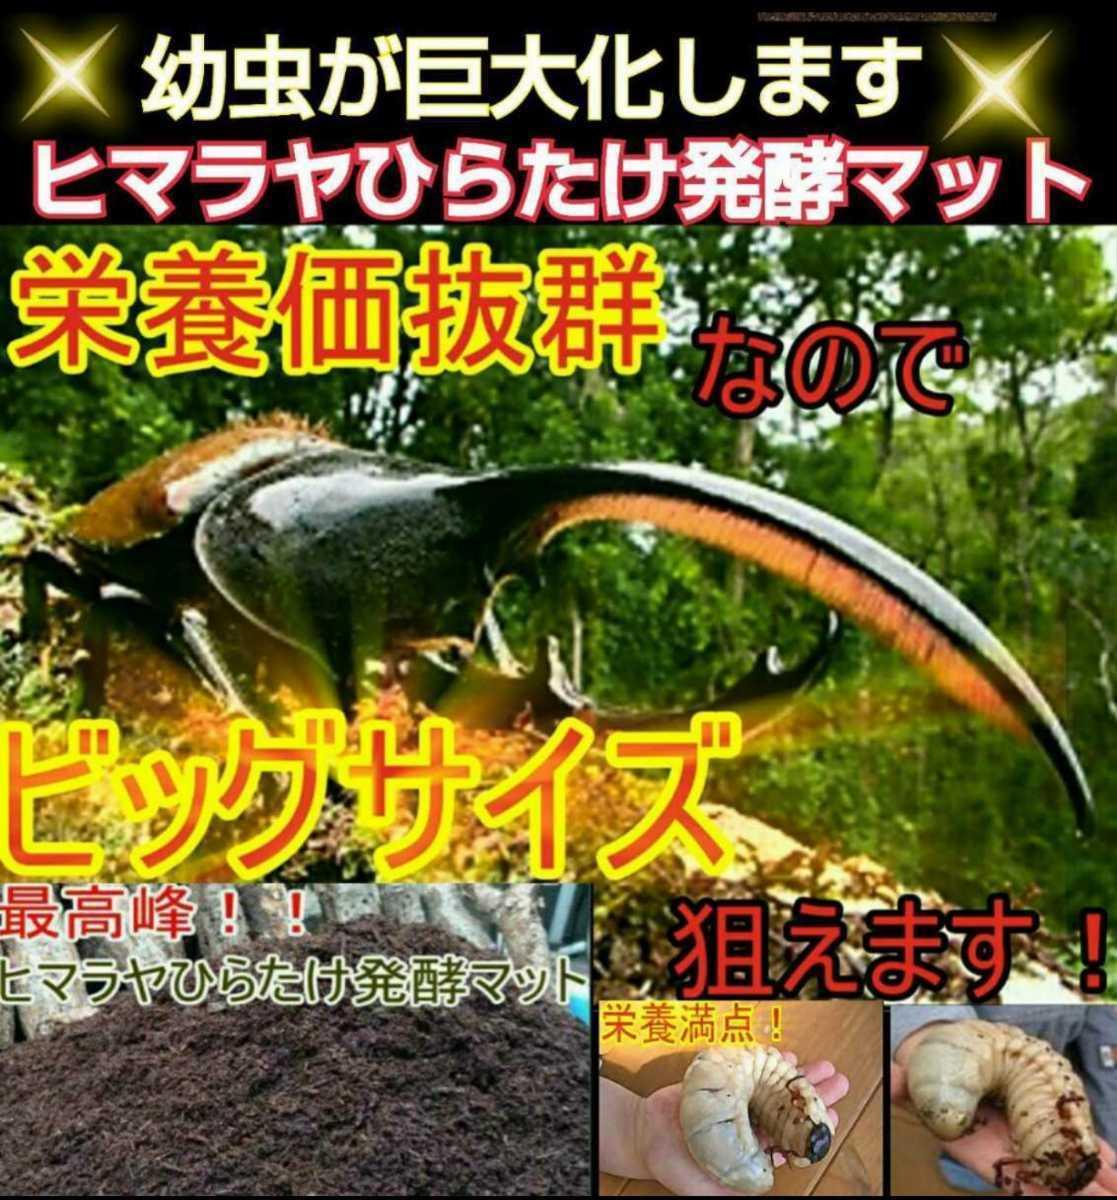 幼虫がビッグサイズになります!ヒマラヤひらたけ菌床発酵マット!栄養価抜群!クヌギ100%原料 幼虫の餌、産卵マットにも抜群の実績あり!_画像5